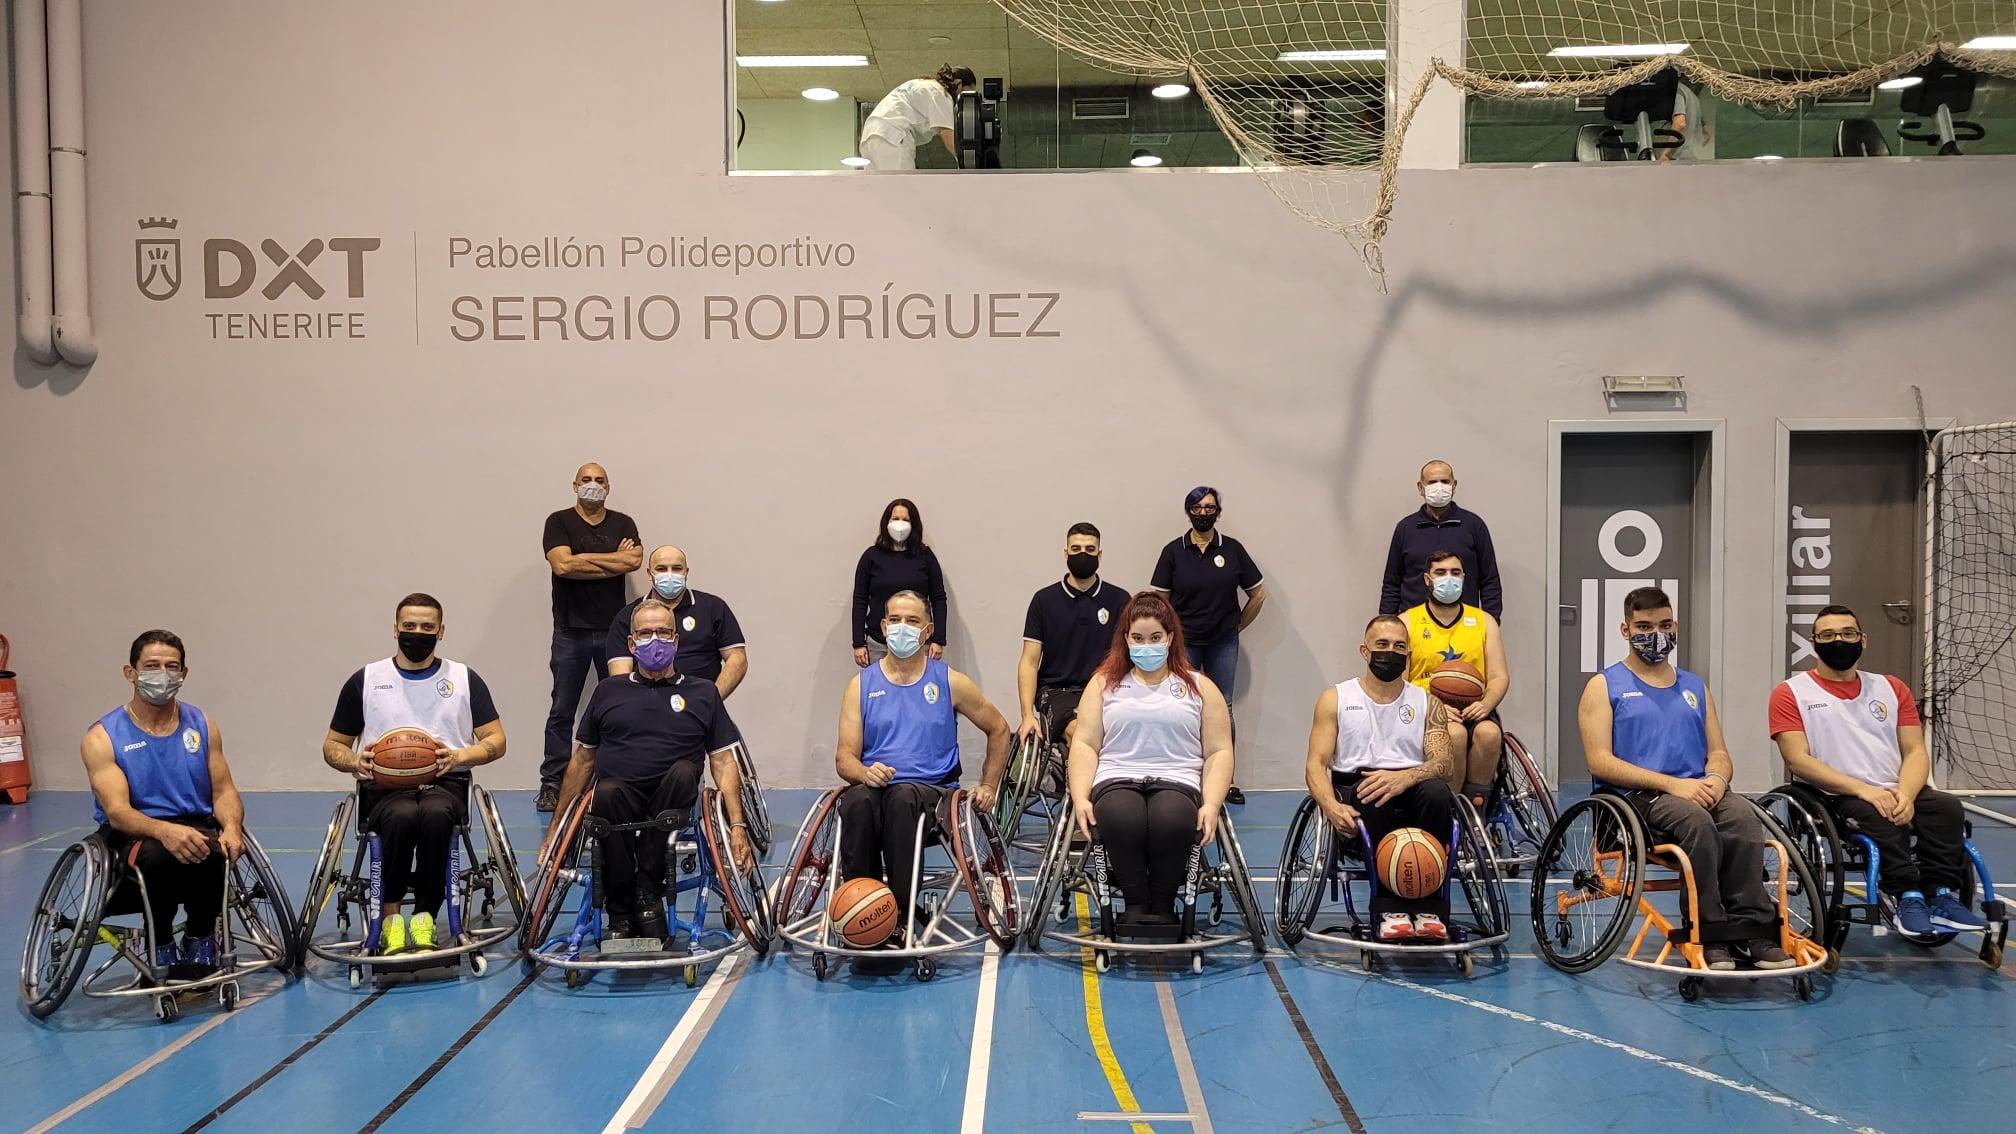 Adein Tenerife debutará en el Grupo Norte de la Segunda División BSR